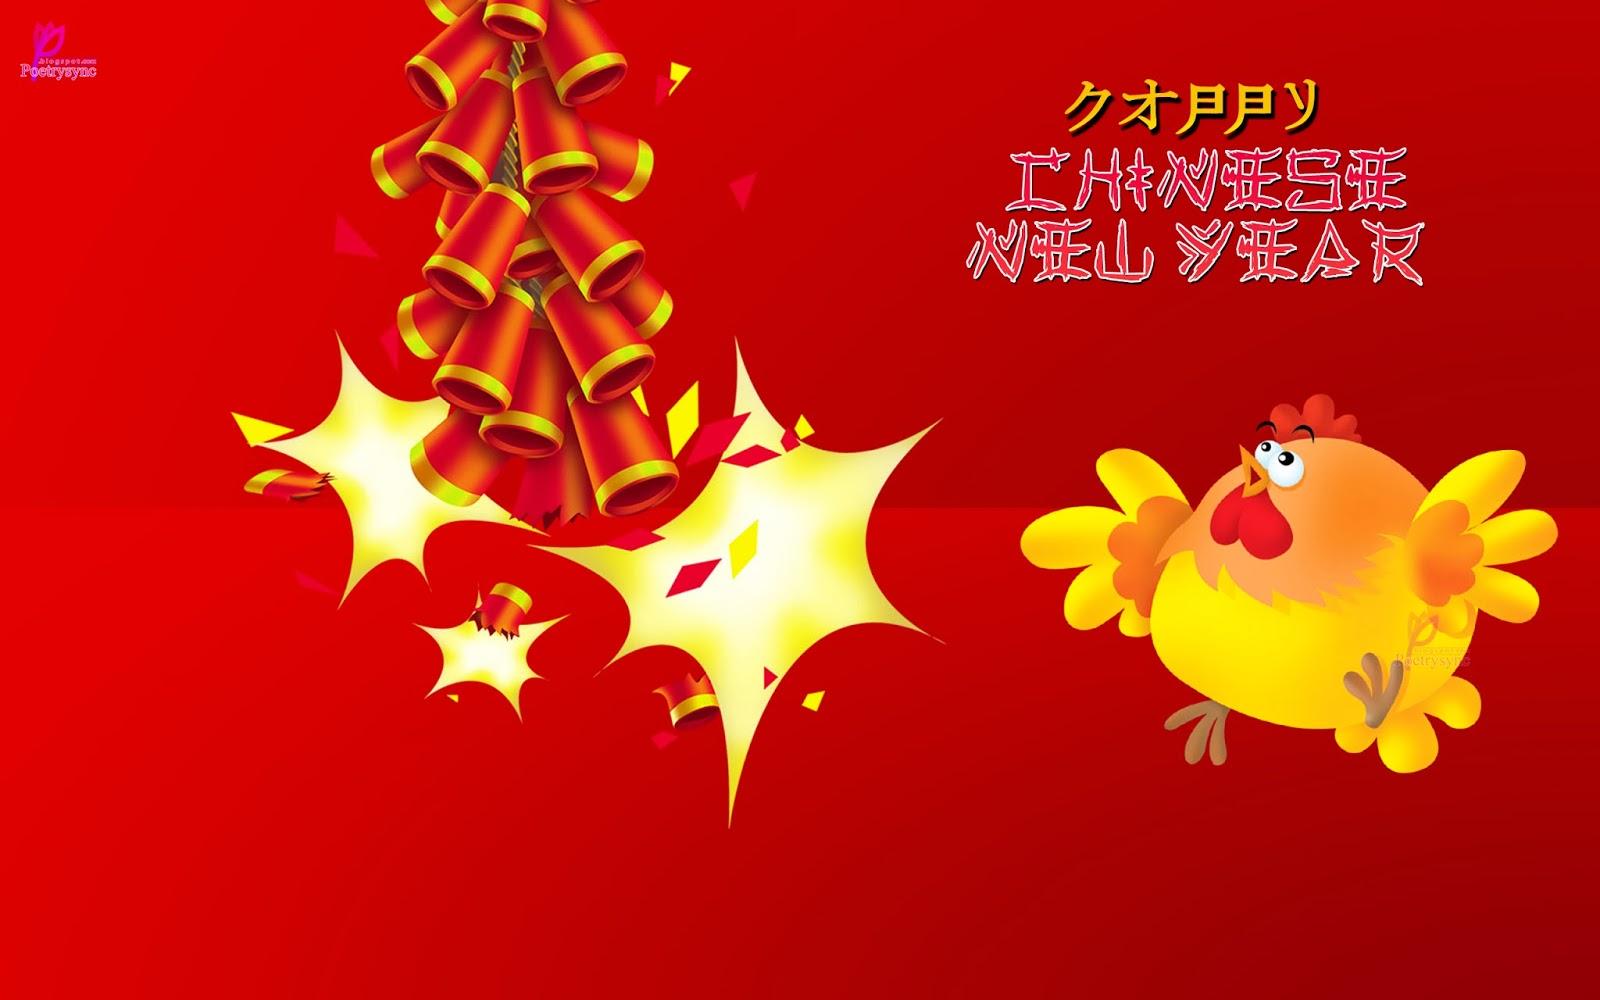 Lunar New Year Wallpapers Wallpapersafari